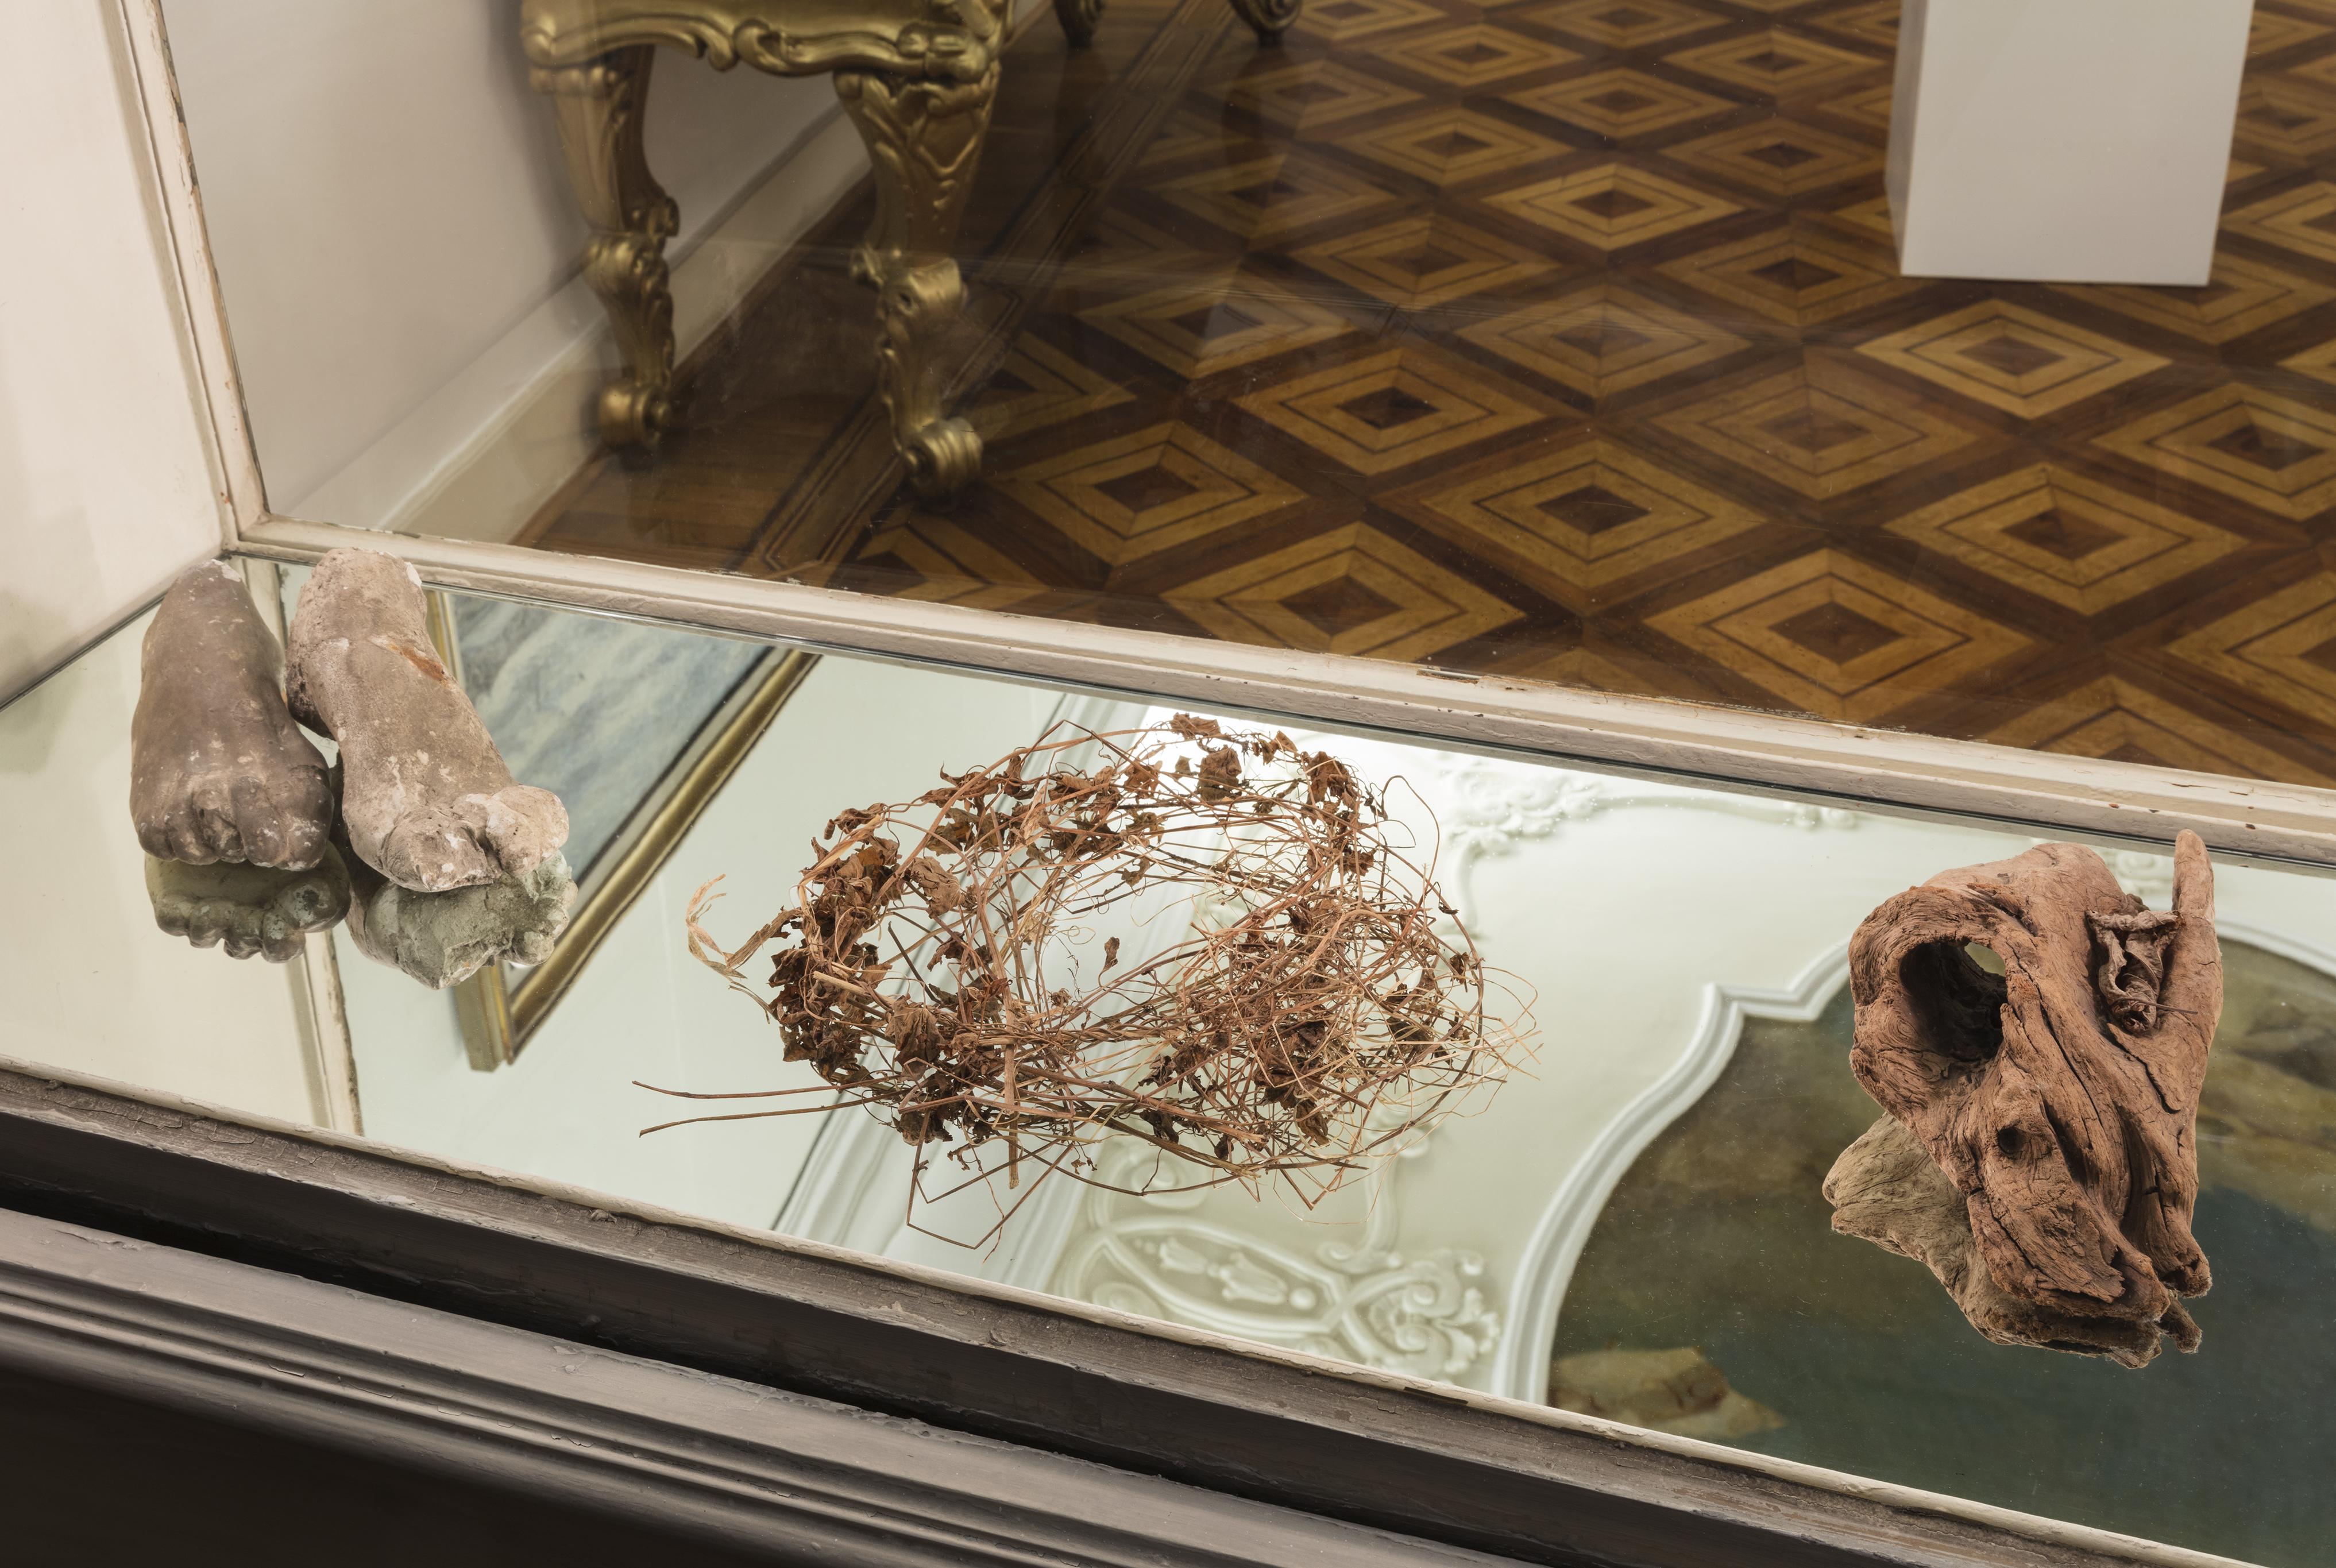 Nelle vetrine: raccolta di reperti naturali dallo studio, scultura in gesso. Fondazione Adolfo Pini 2019, credit by Andrea Rossetti